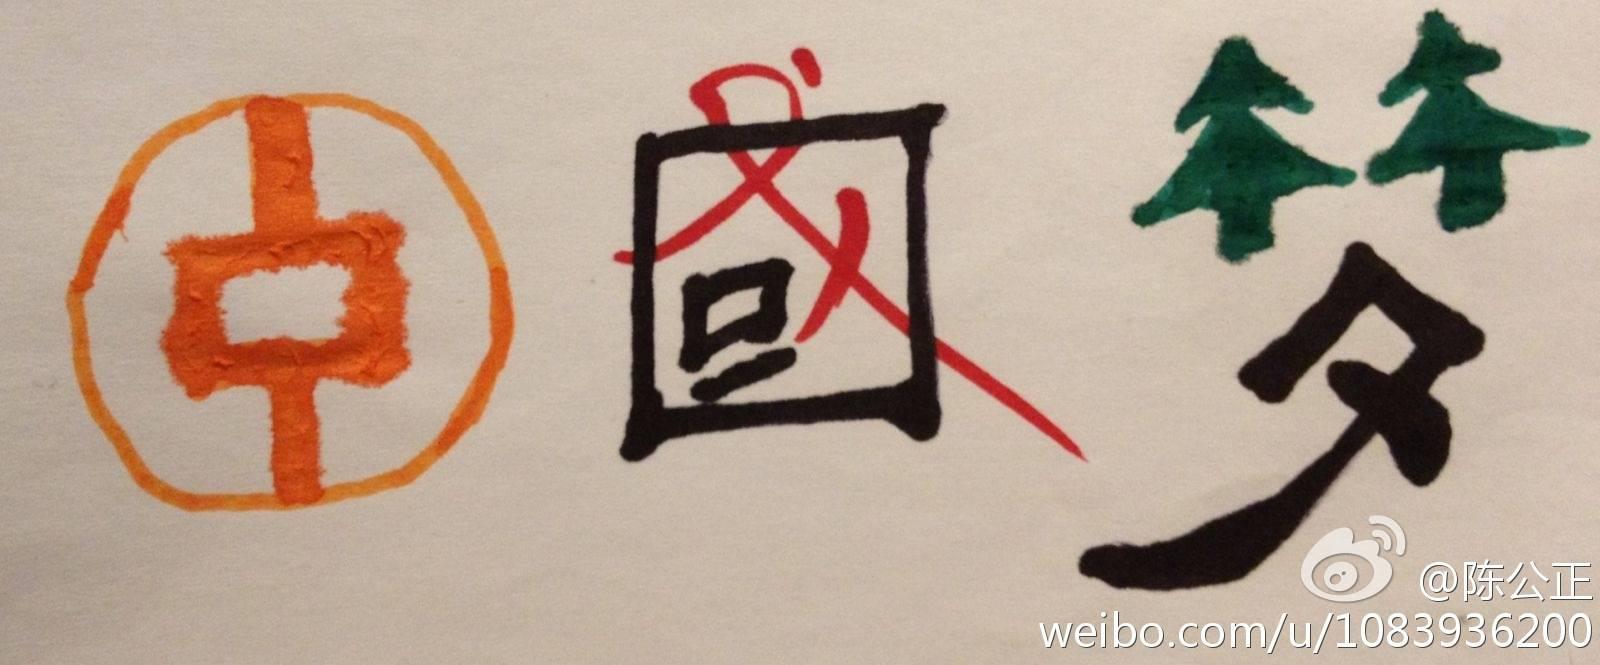 """【敏感词库】"""" 安徽女子""""、 """"邓卓棣性骚扰""""等热点 5-9"""